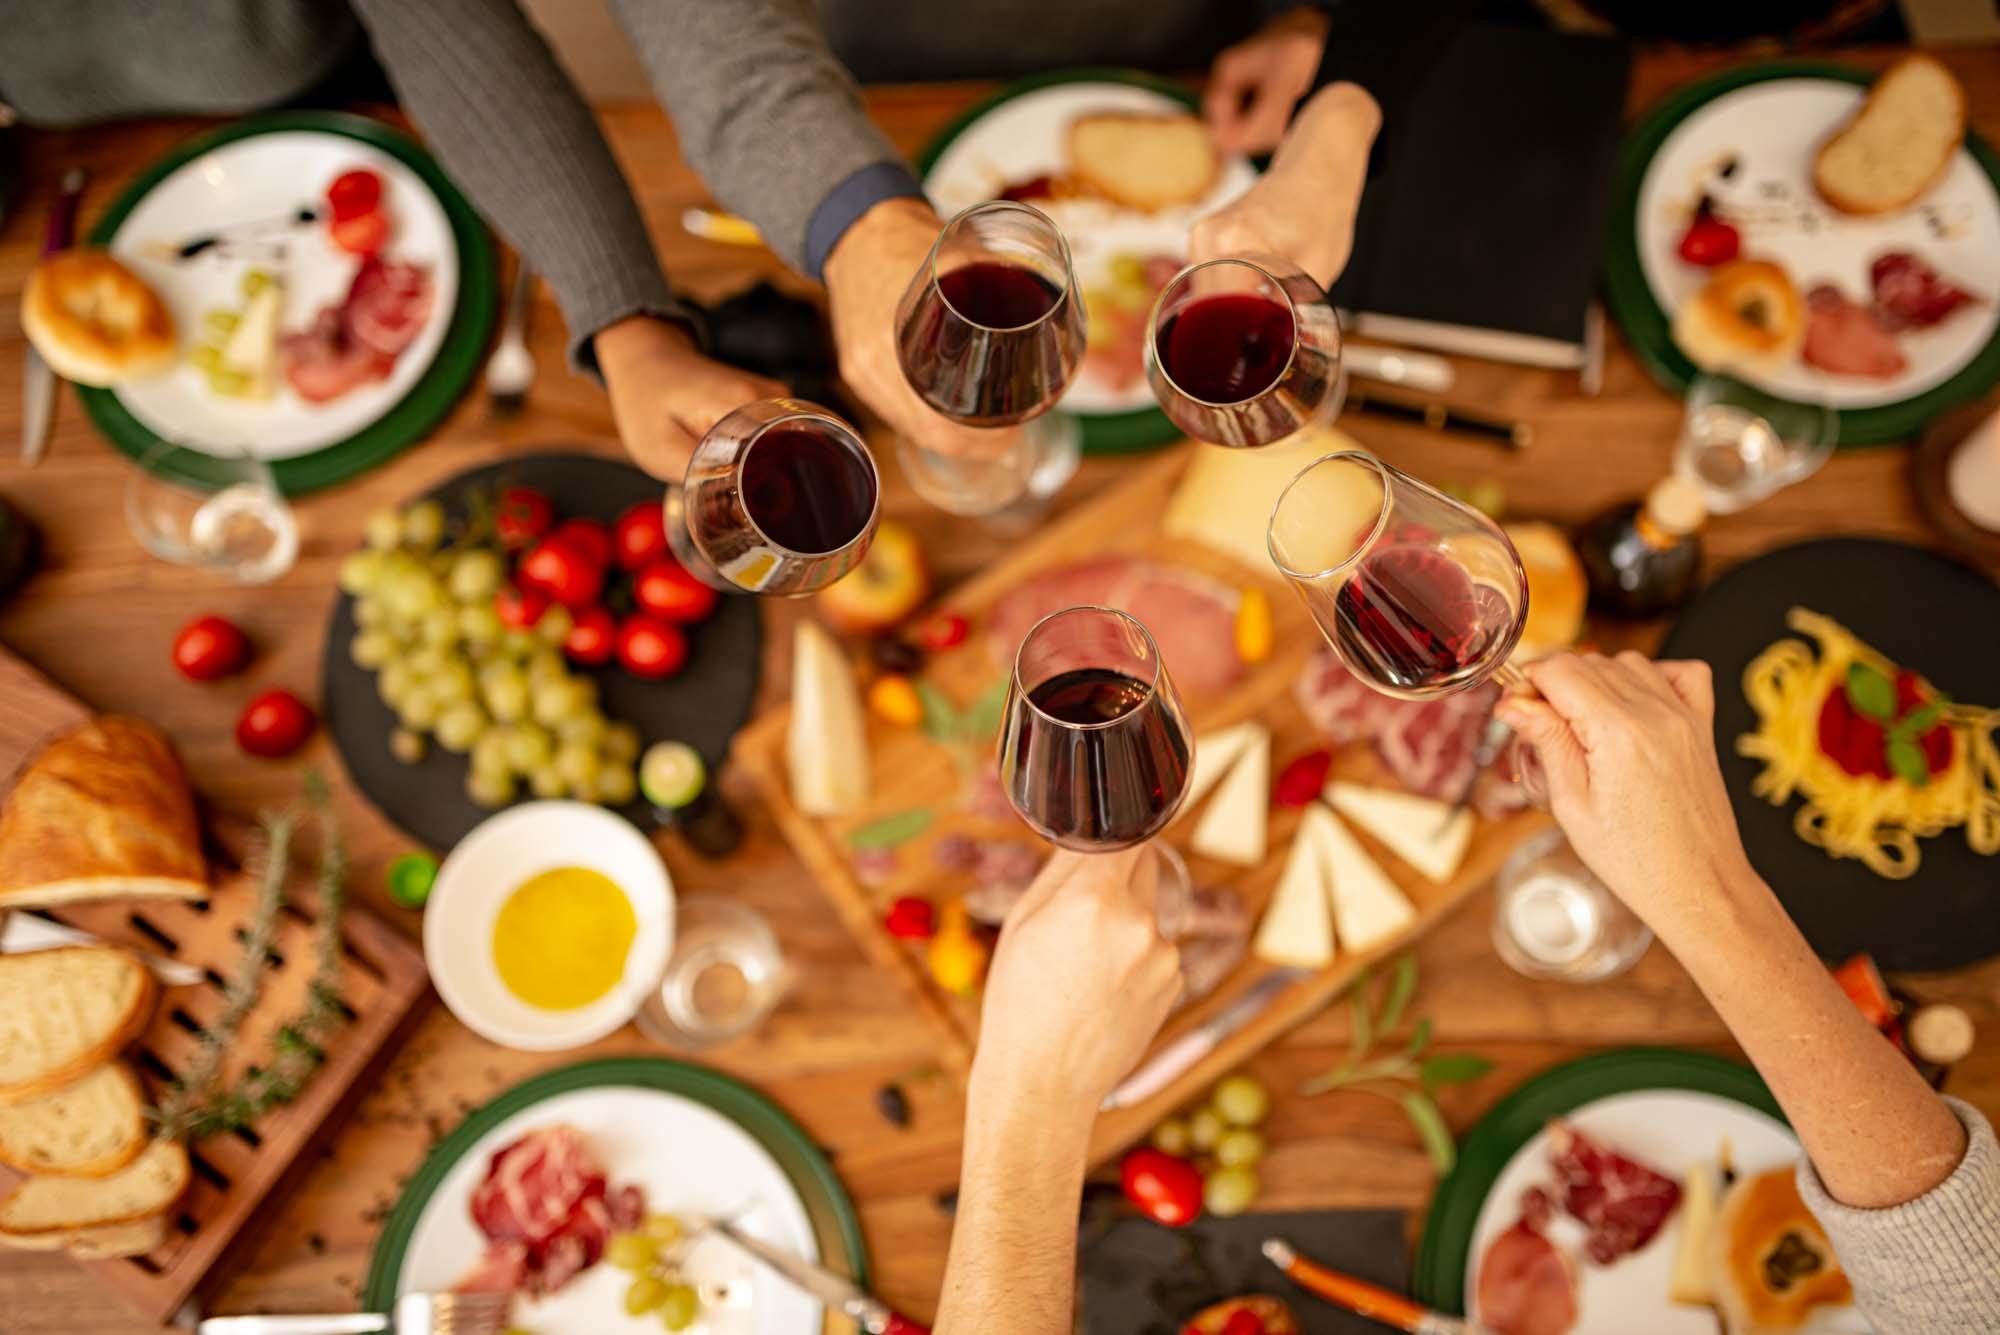 Degustazioni Vino Cene Aziendali a Verona